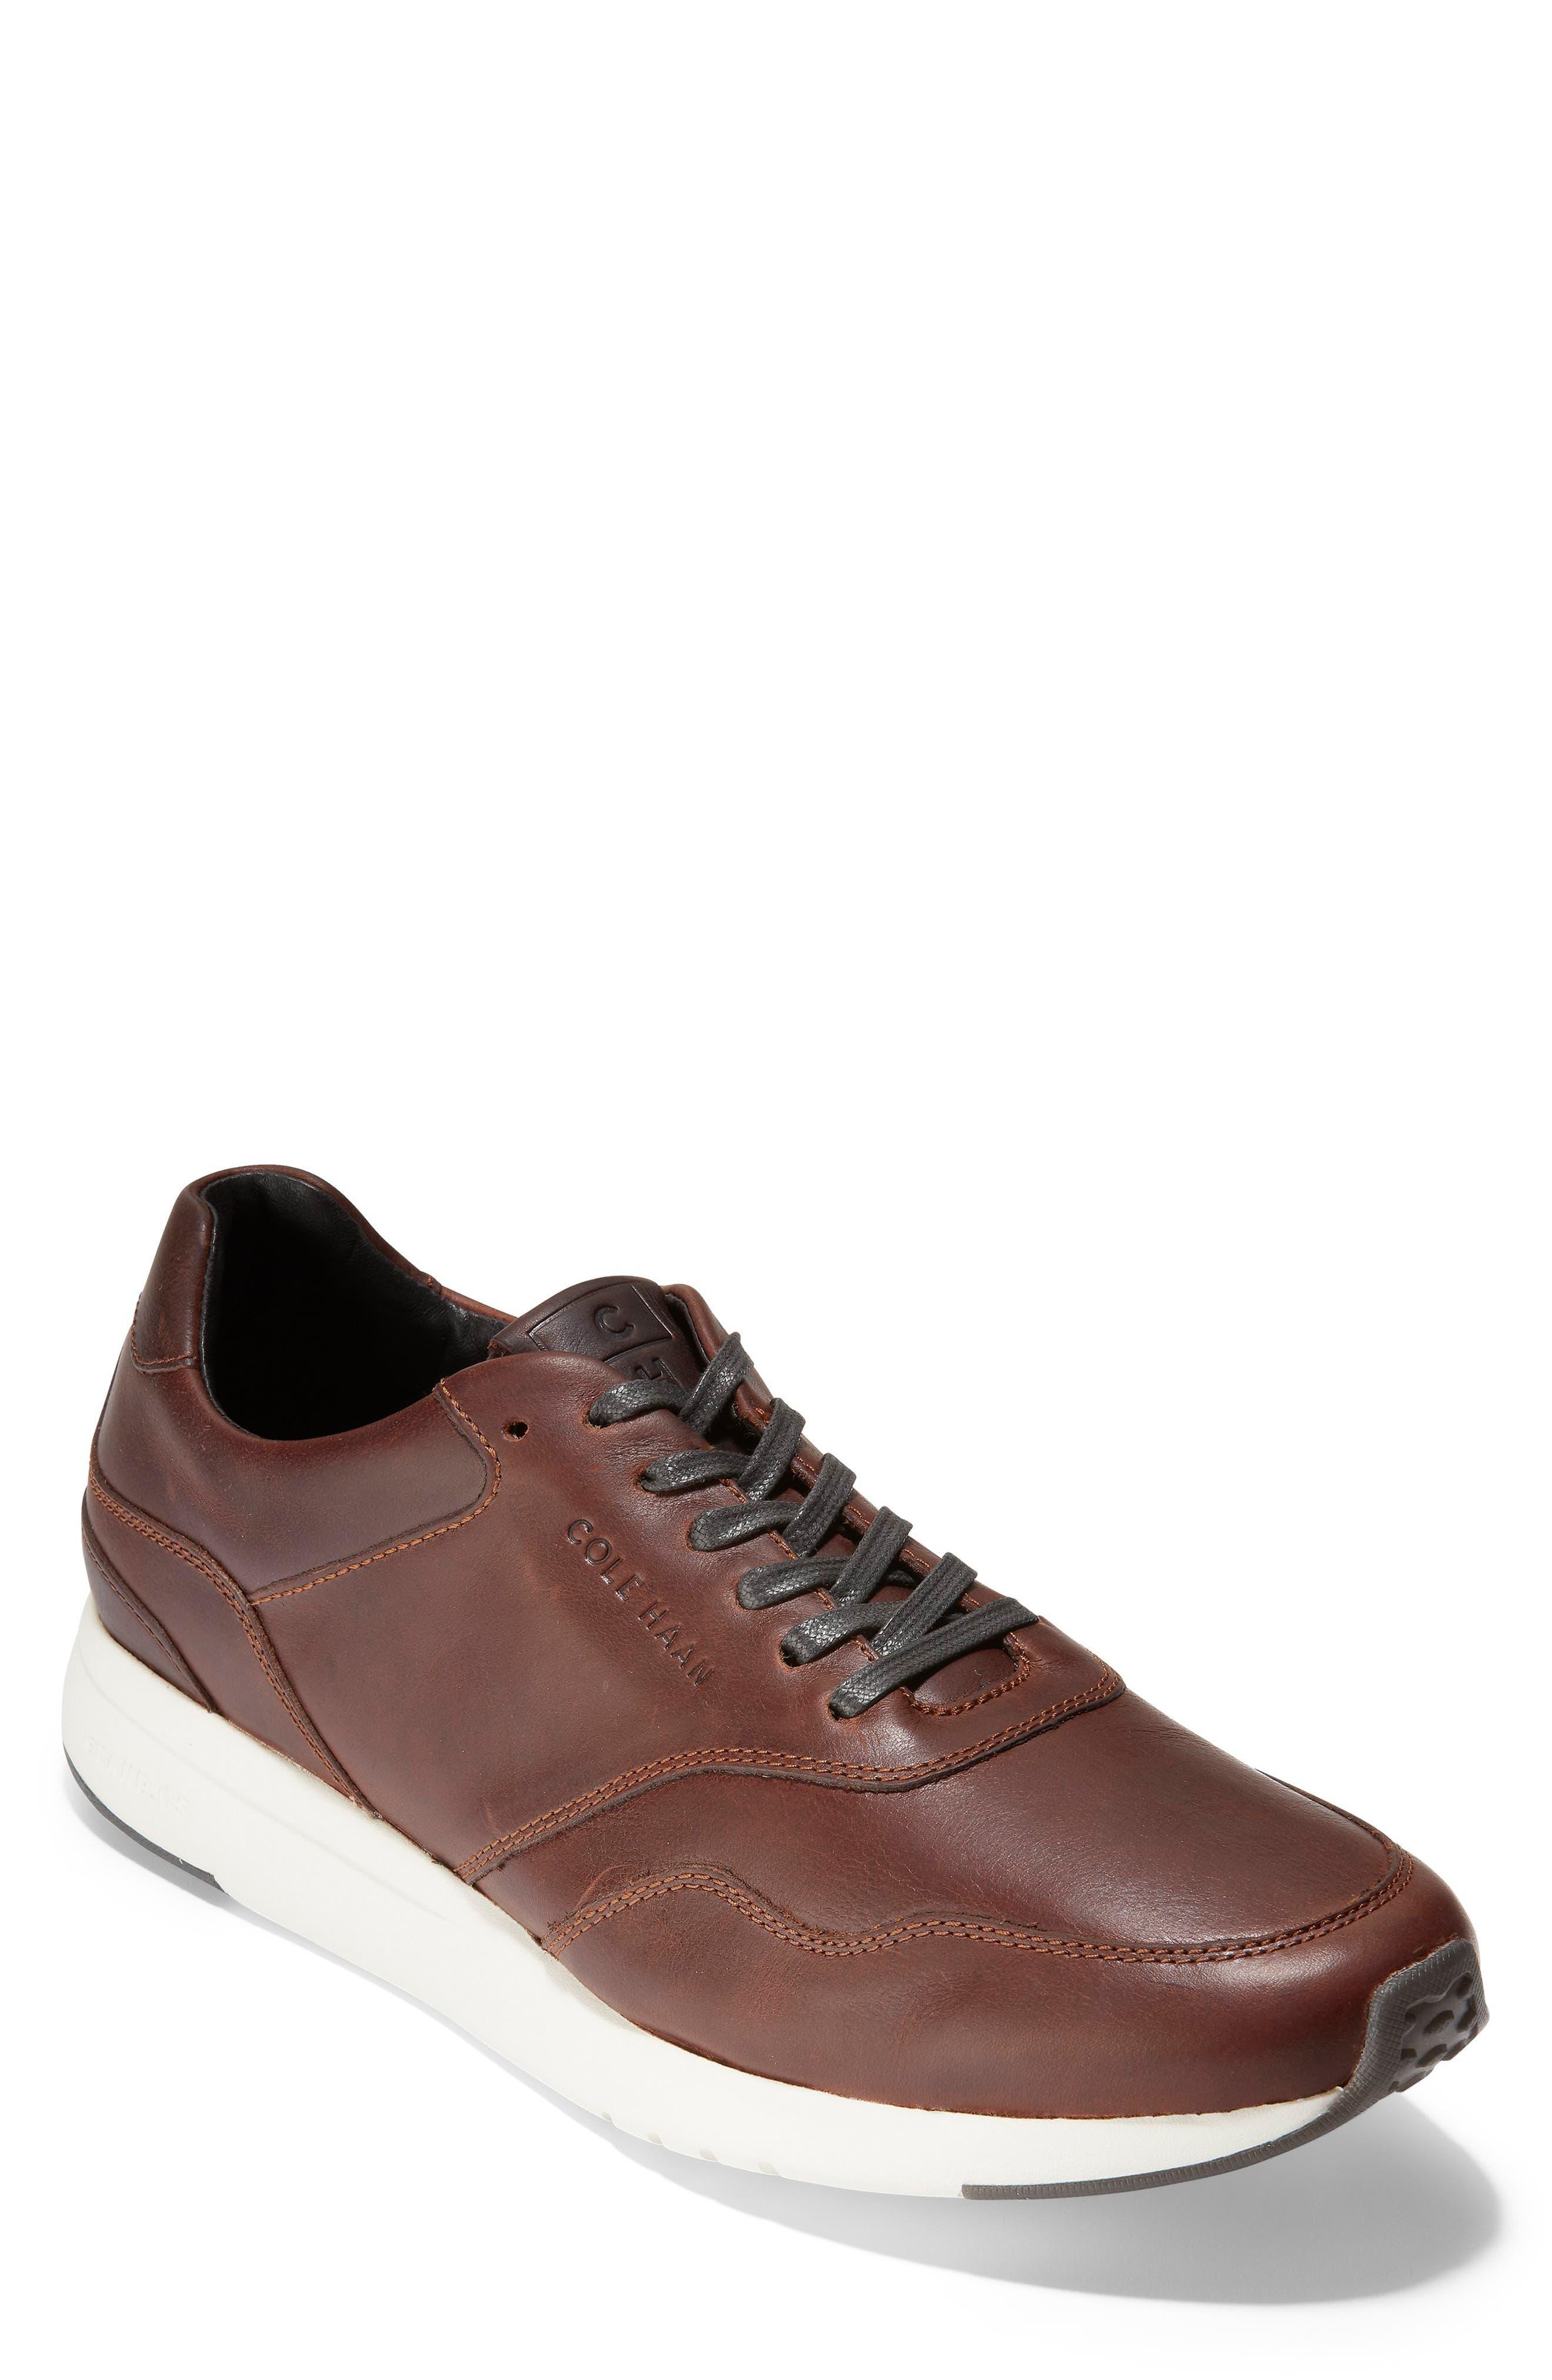 Cole Haan Grandpro Sneaker, Brown